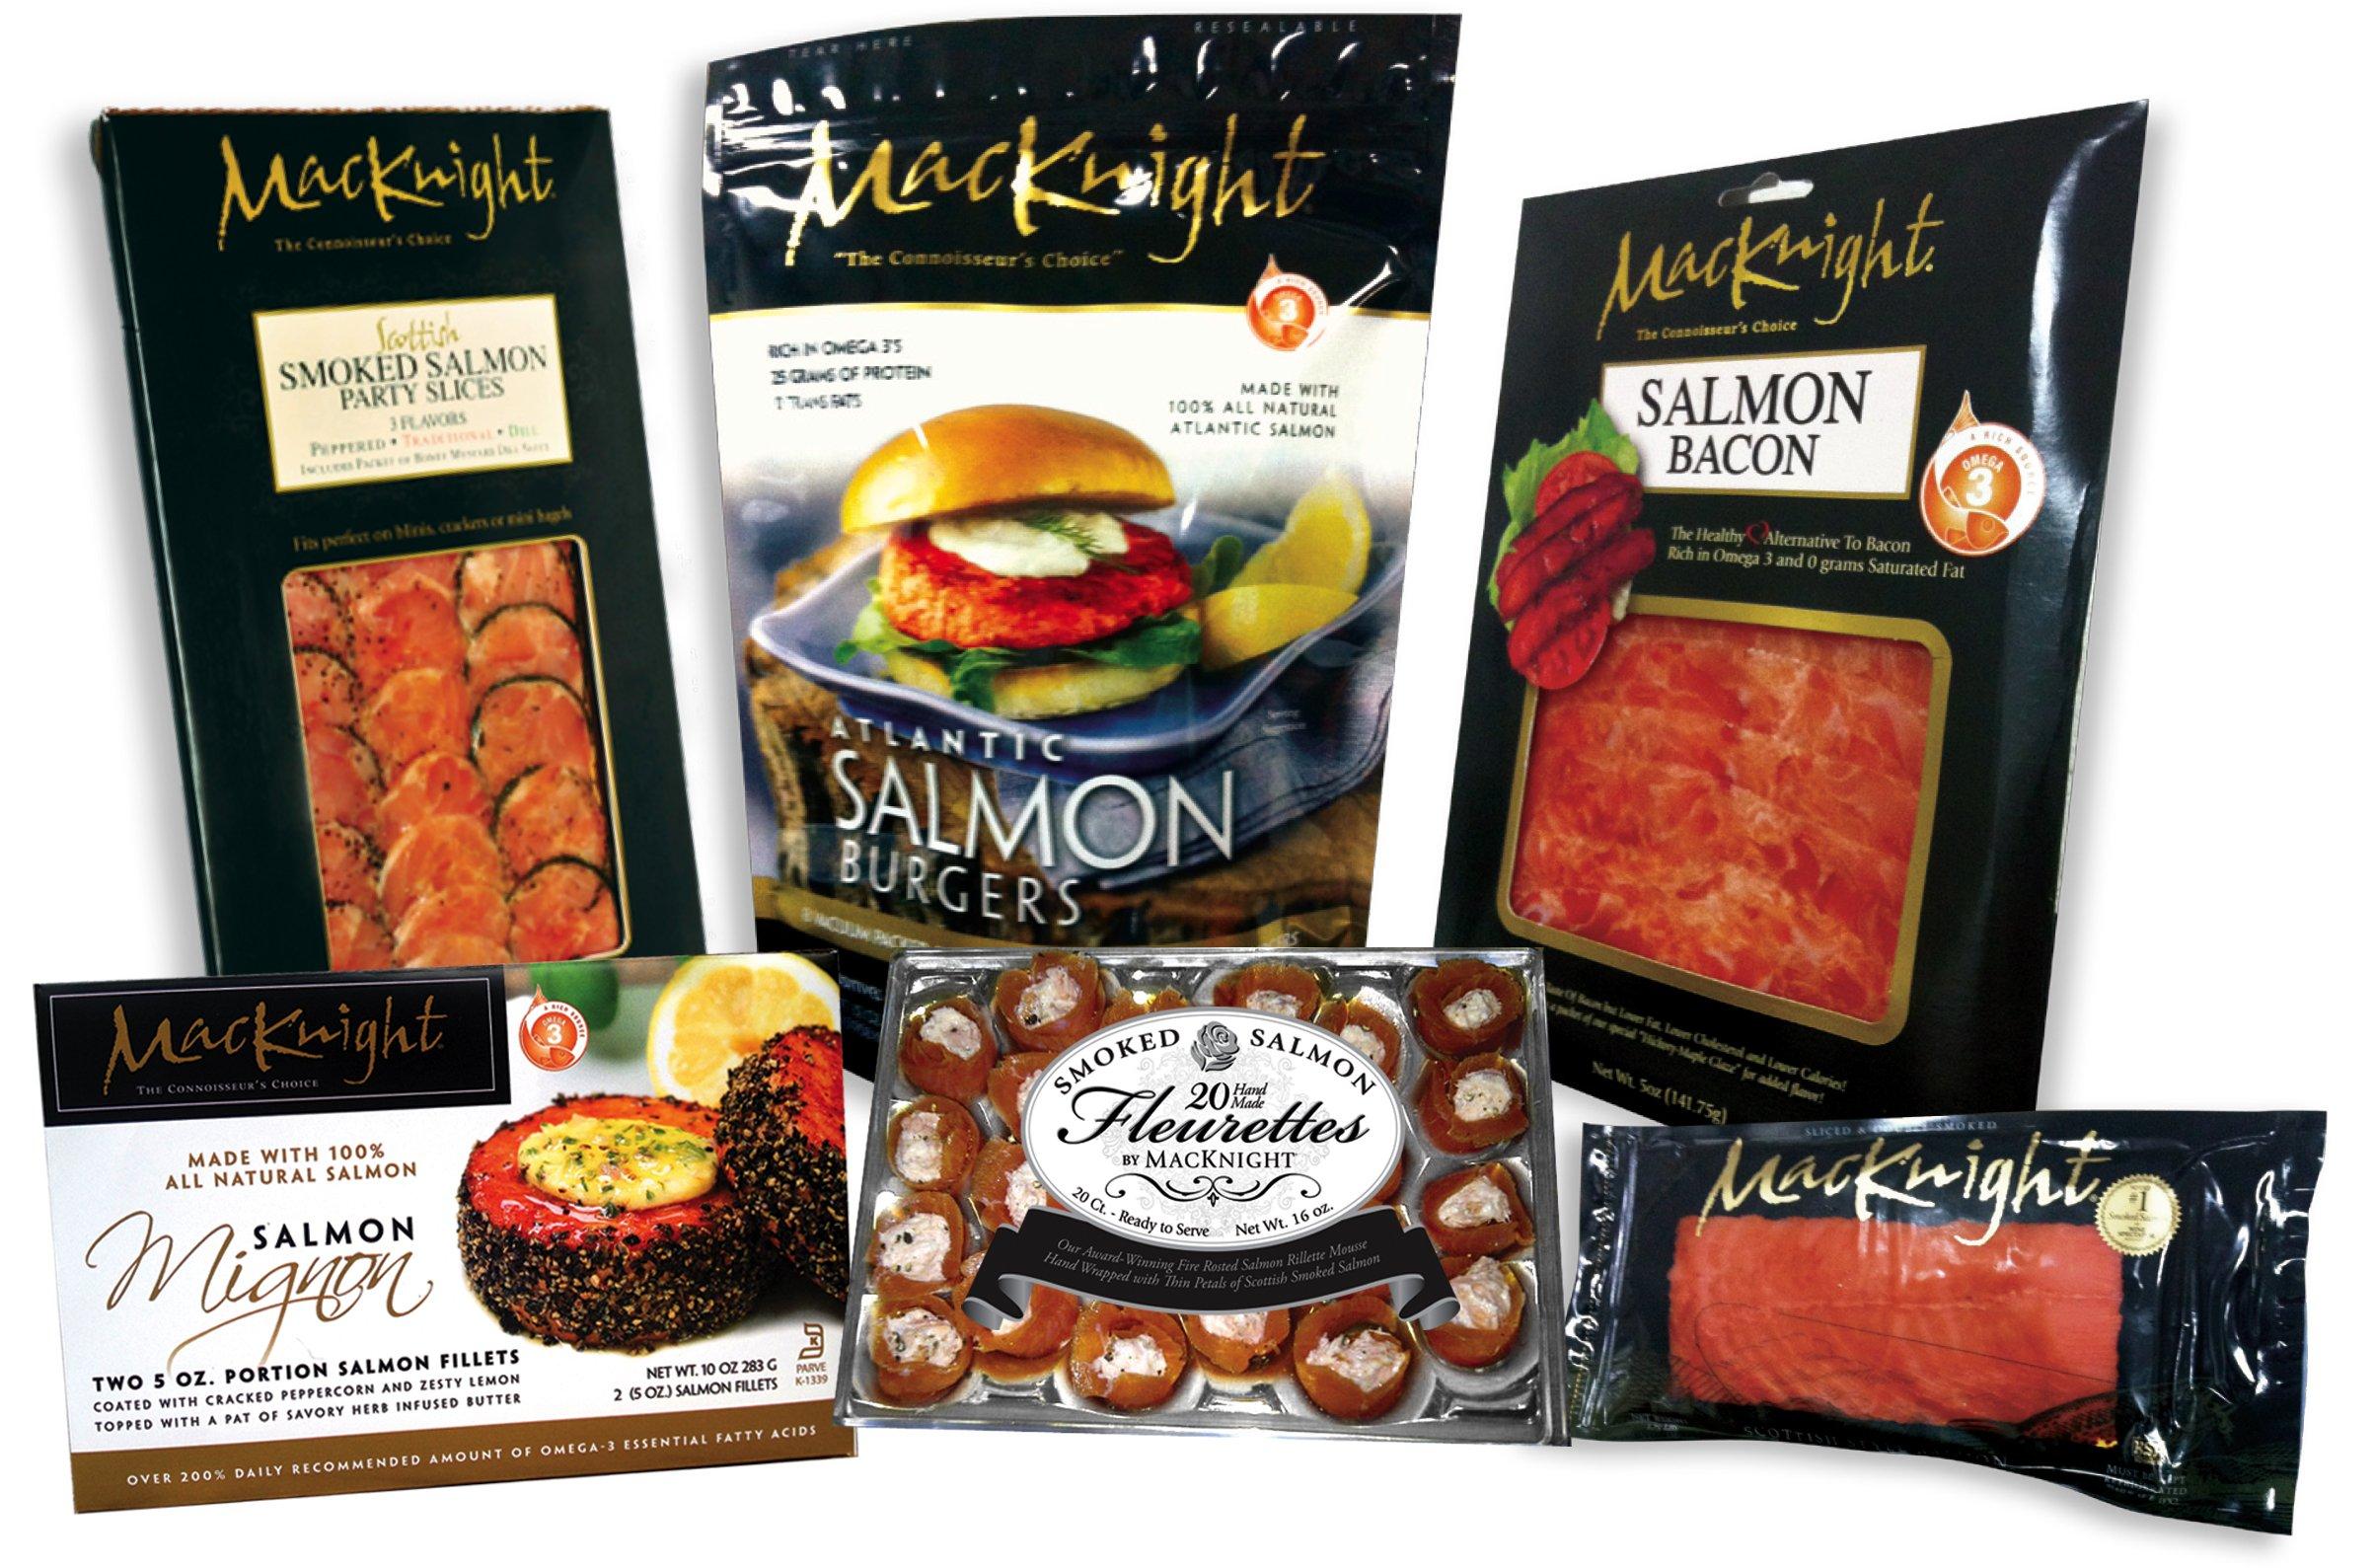 MacKnight Smoked Salmon Products